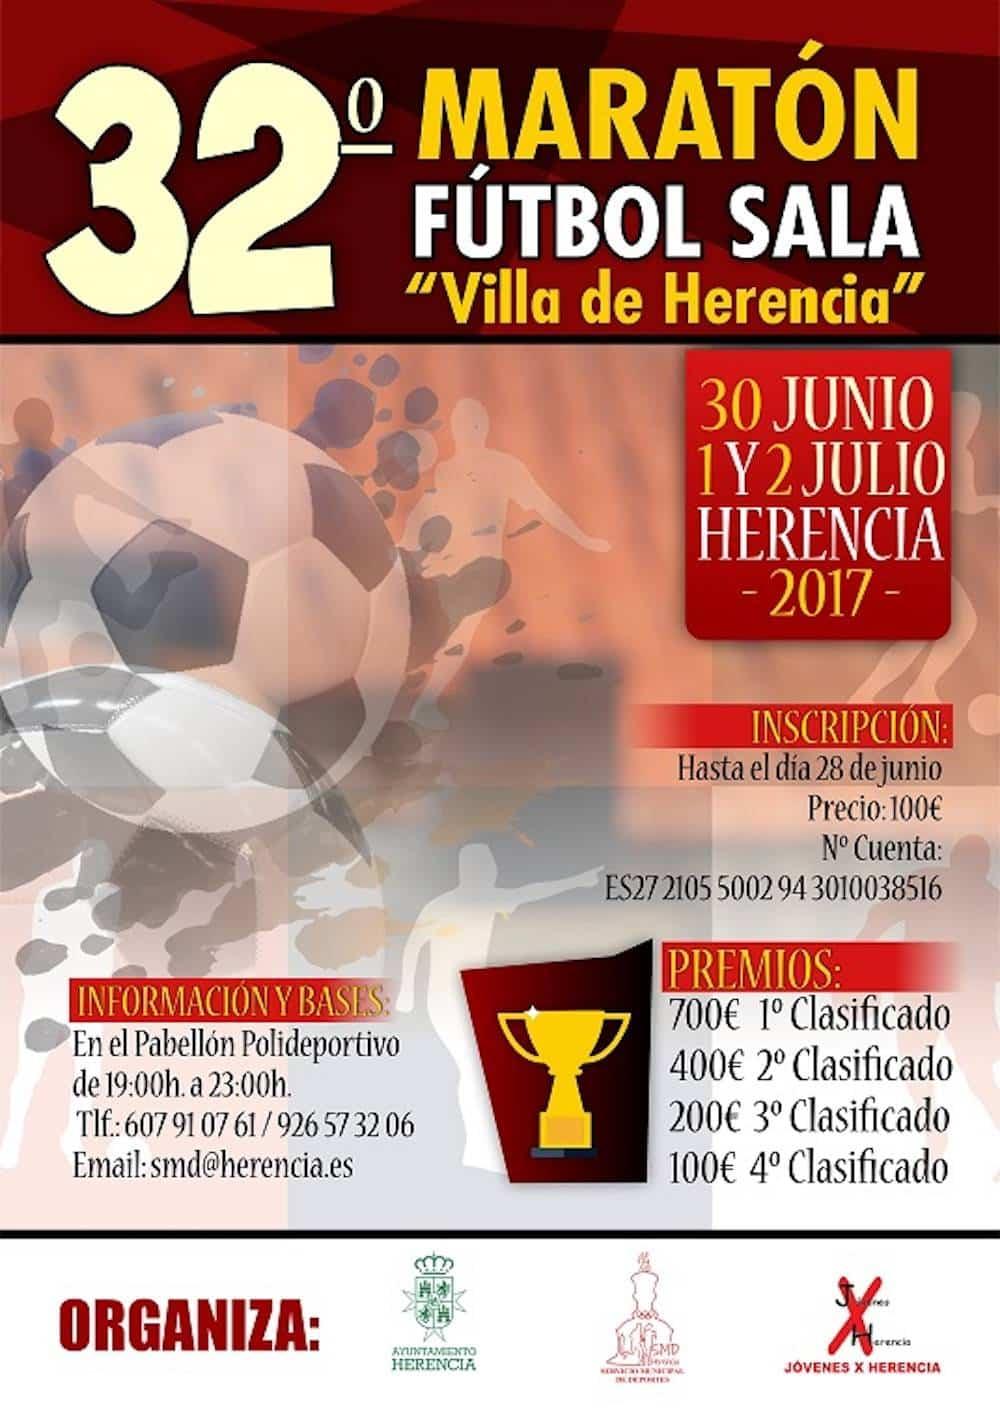 """32 maraton futbol sala herencia cr - El Maratón Nacional de Fútbol Sala """"Villa de Herencia"""" celebra la 32º edición"""